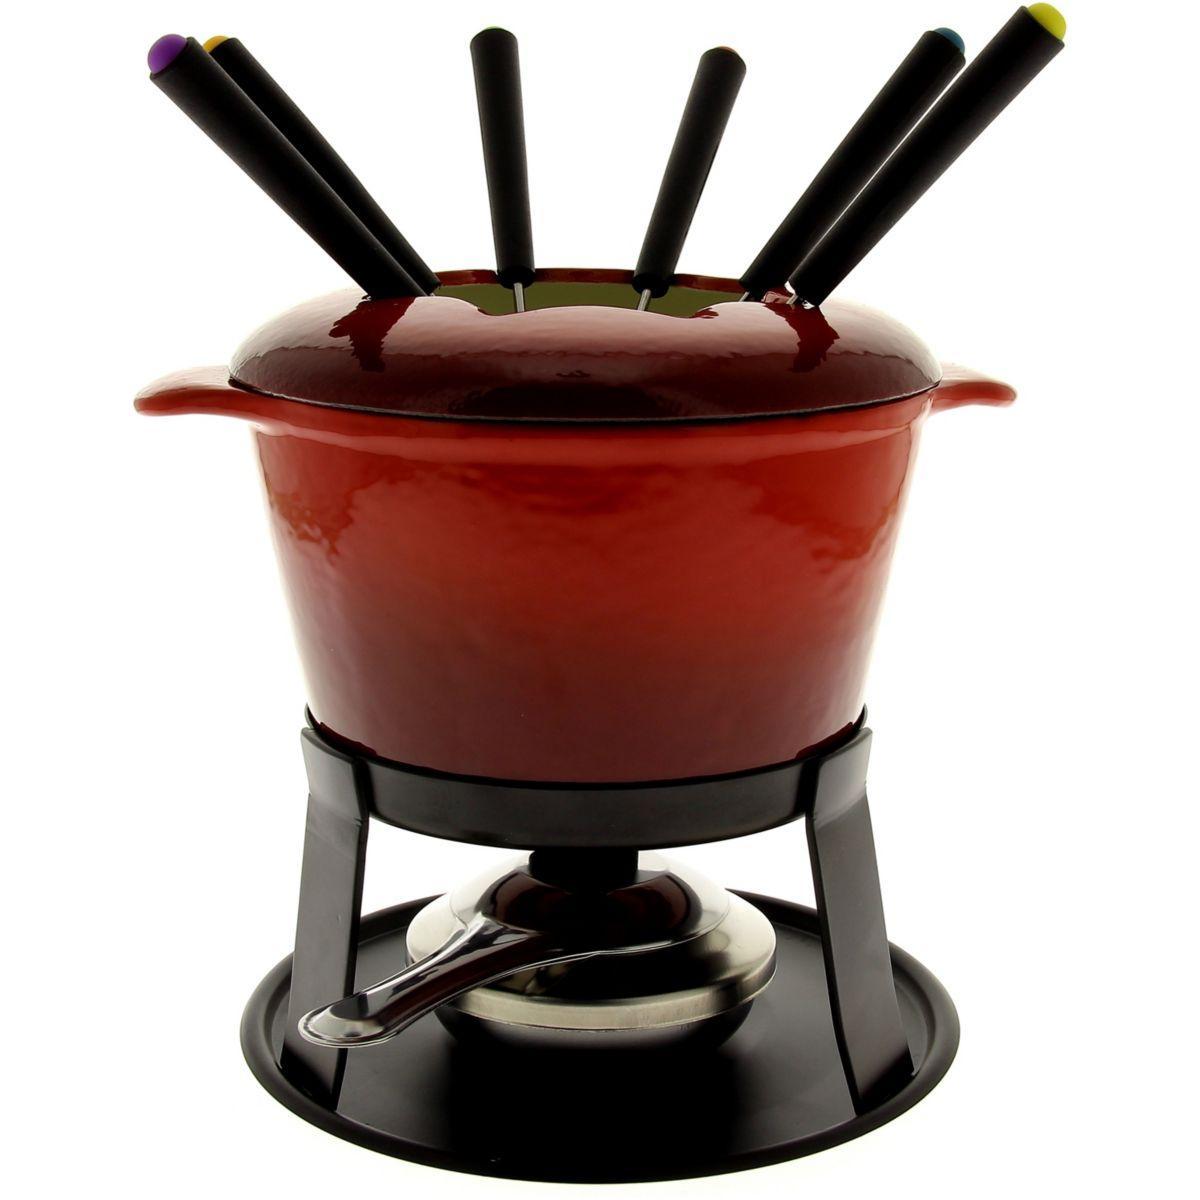 Fondue table & cook bourguignonne fonte rouge 6 personnes - livraison offerte : code liv